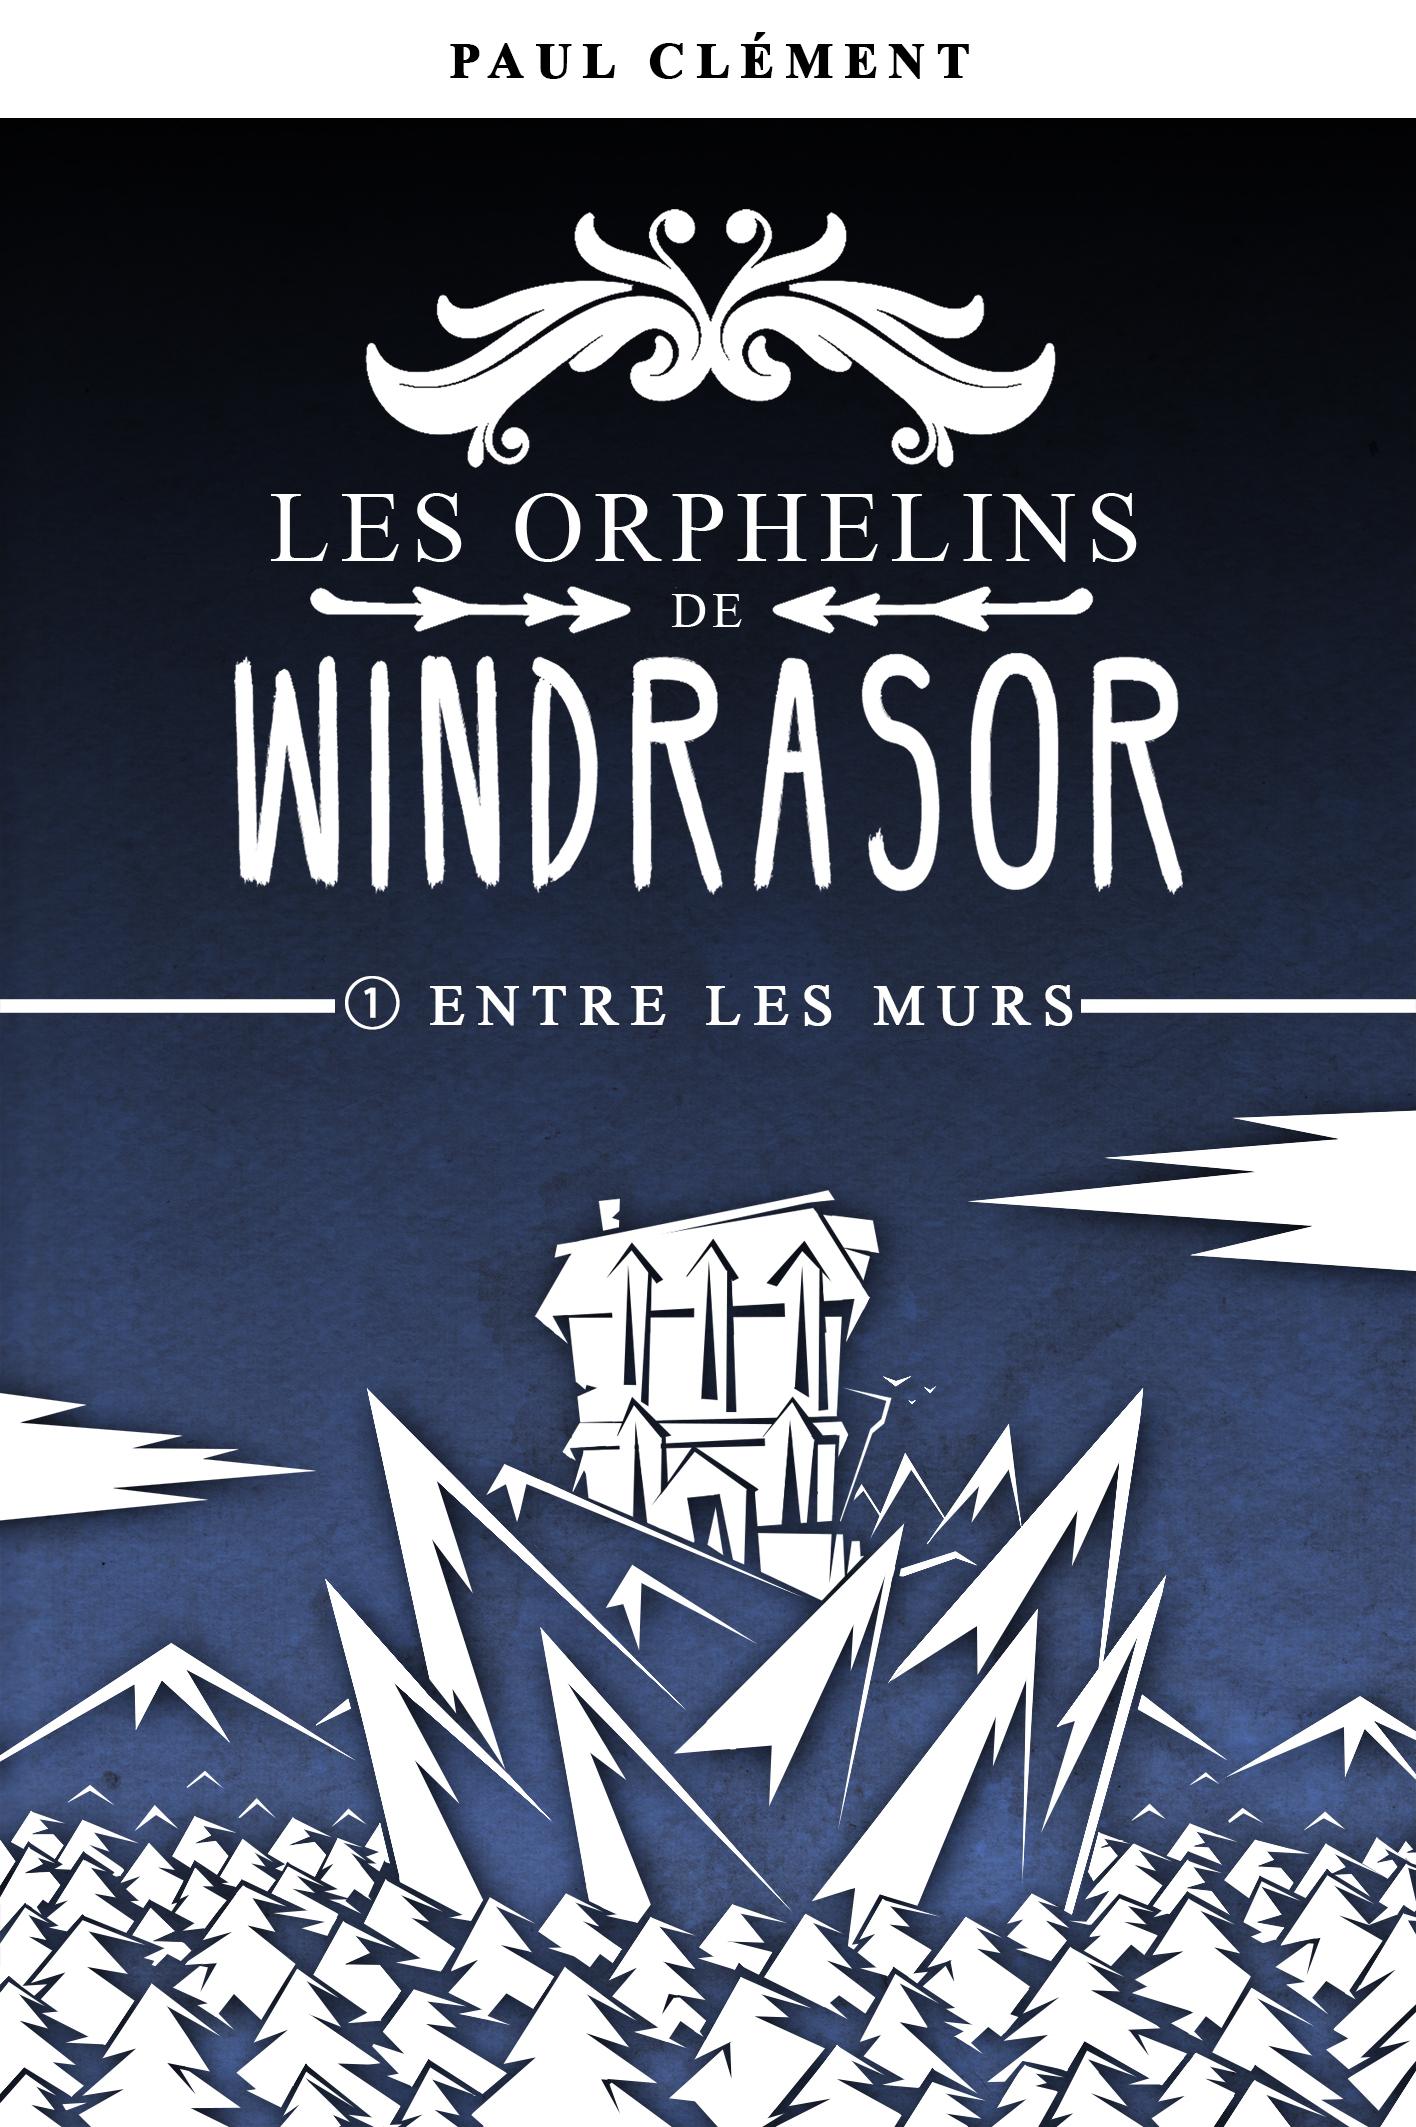 ENTRE LES MURS (LES ORPHELINS DE WINDRASOR EPISODE 1)